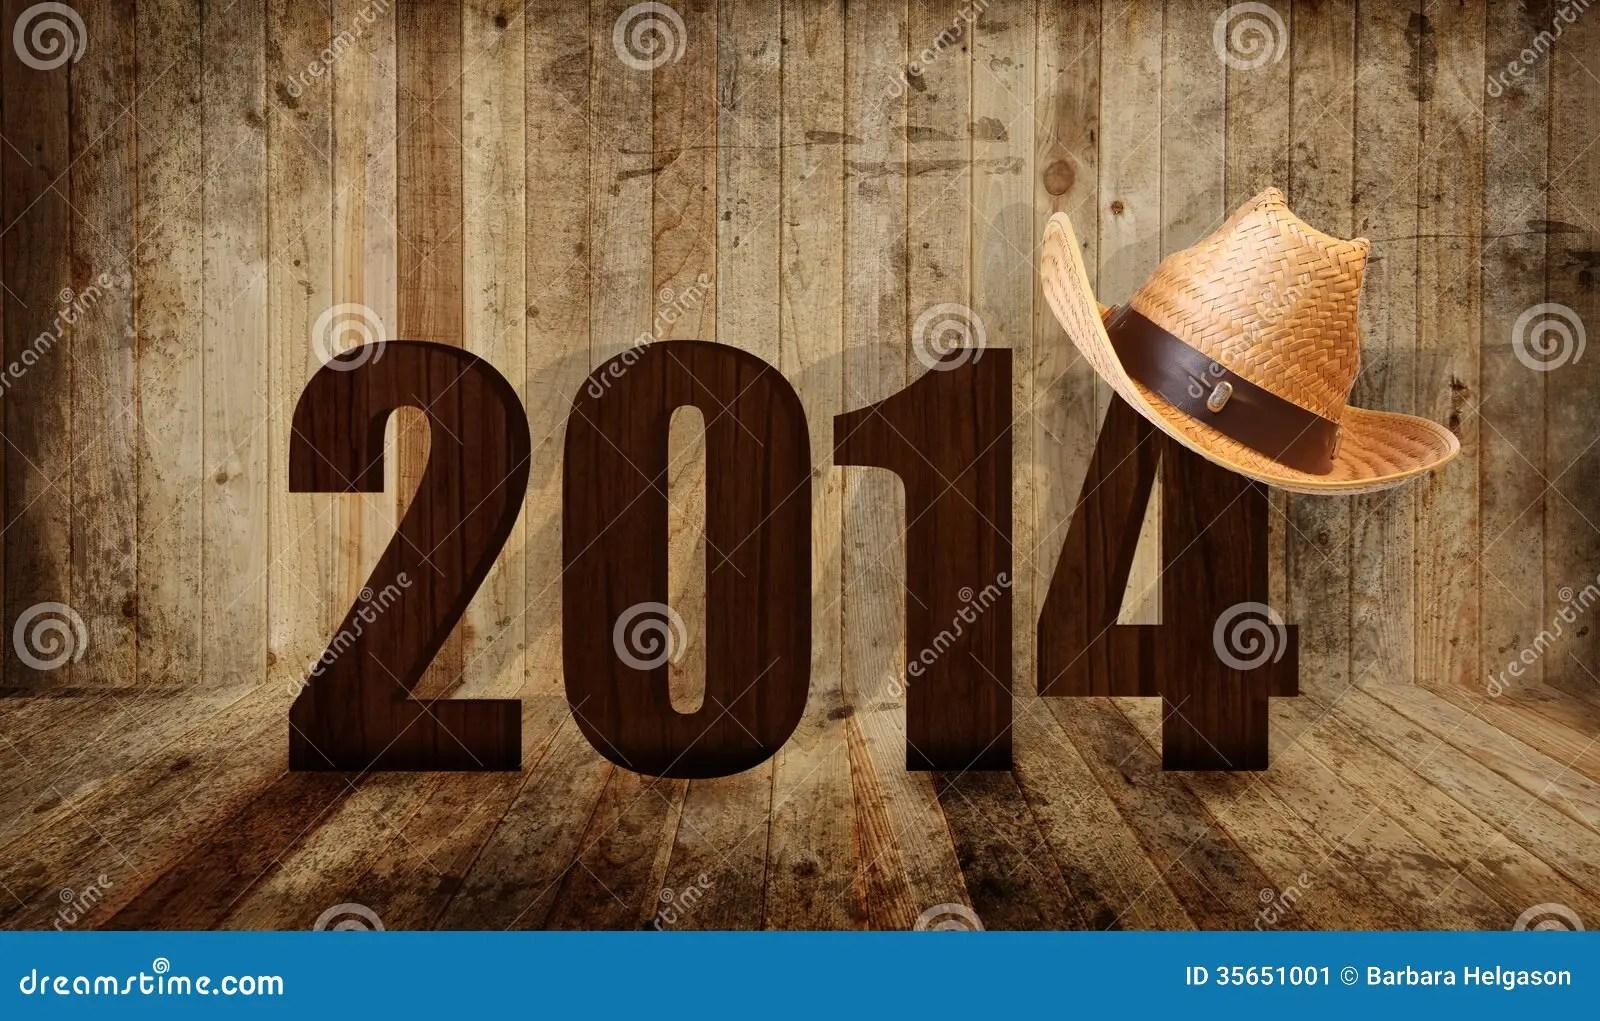 Western 2014 stock image Image of happy vintage celebration  35651001